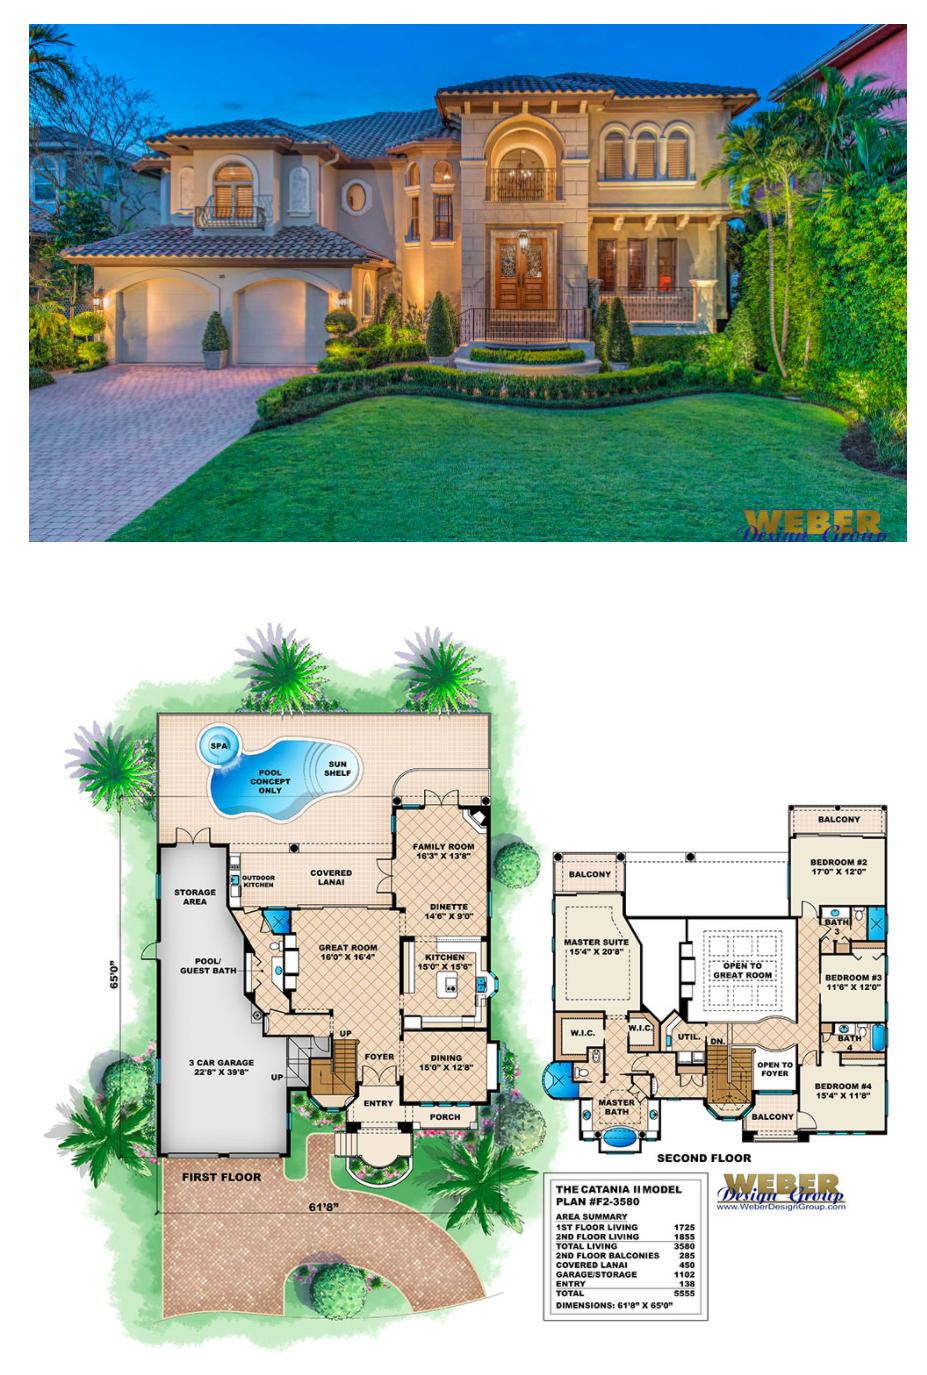 Catania II Home Plan | Beach house plans, Beach house plan ...